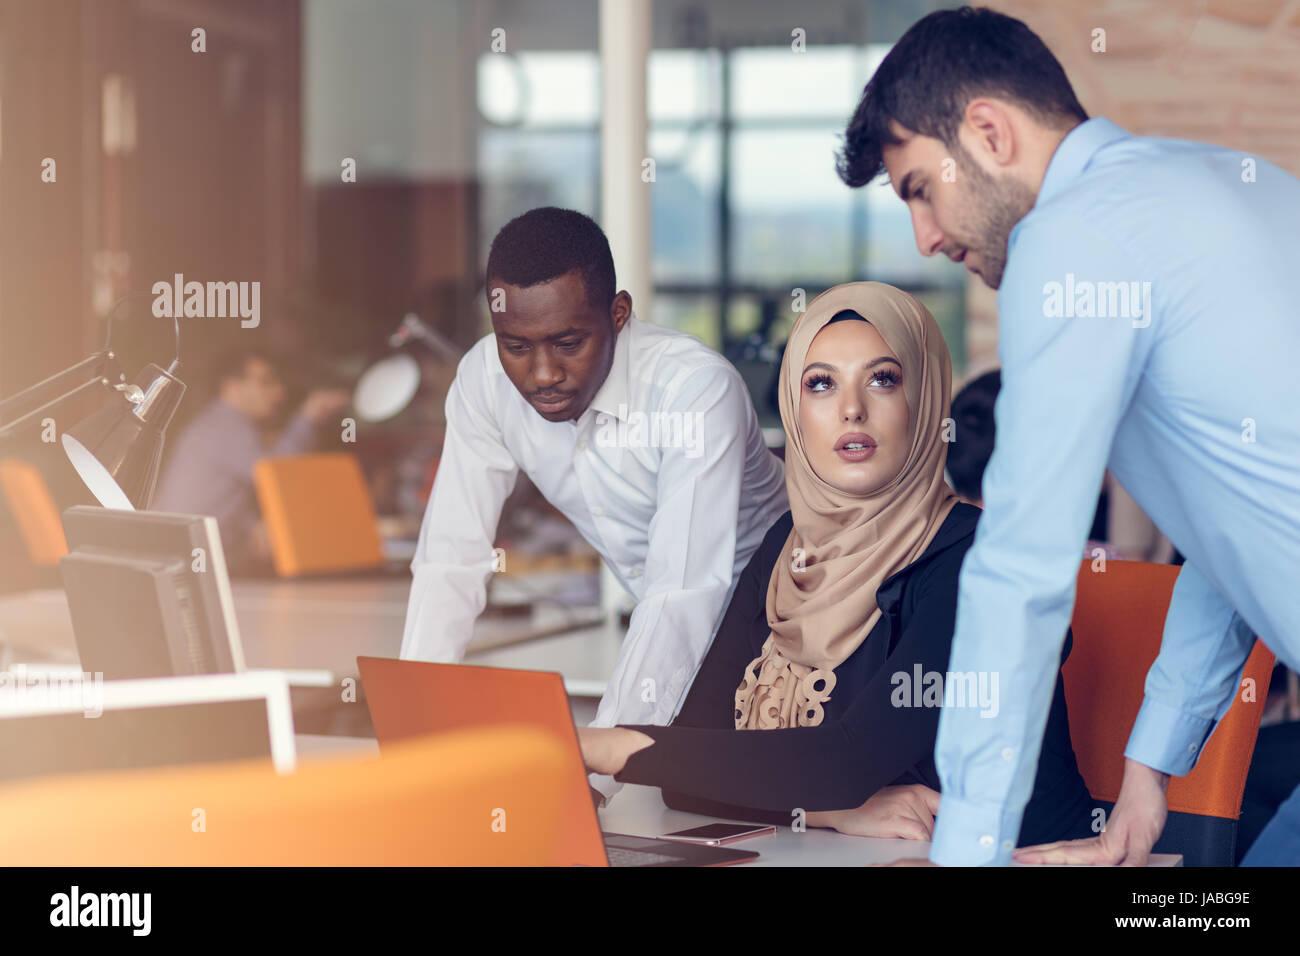 Multirazziale business contemporaneo persone che lavorano Immagini Stock